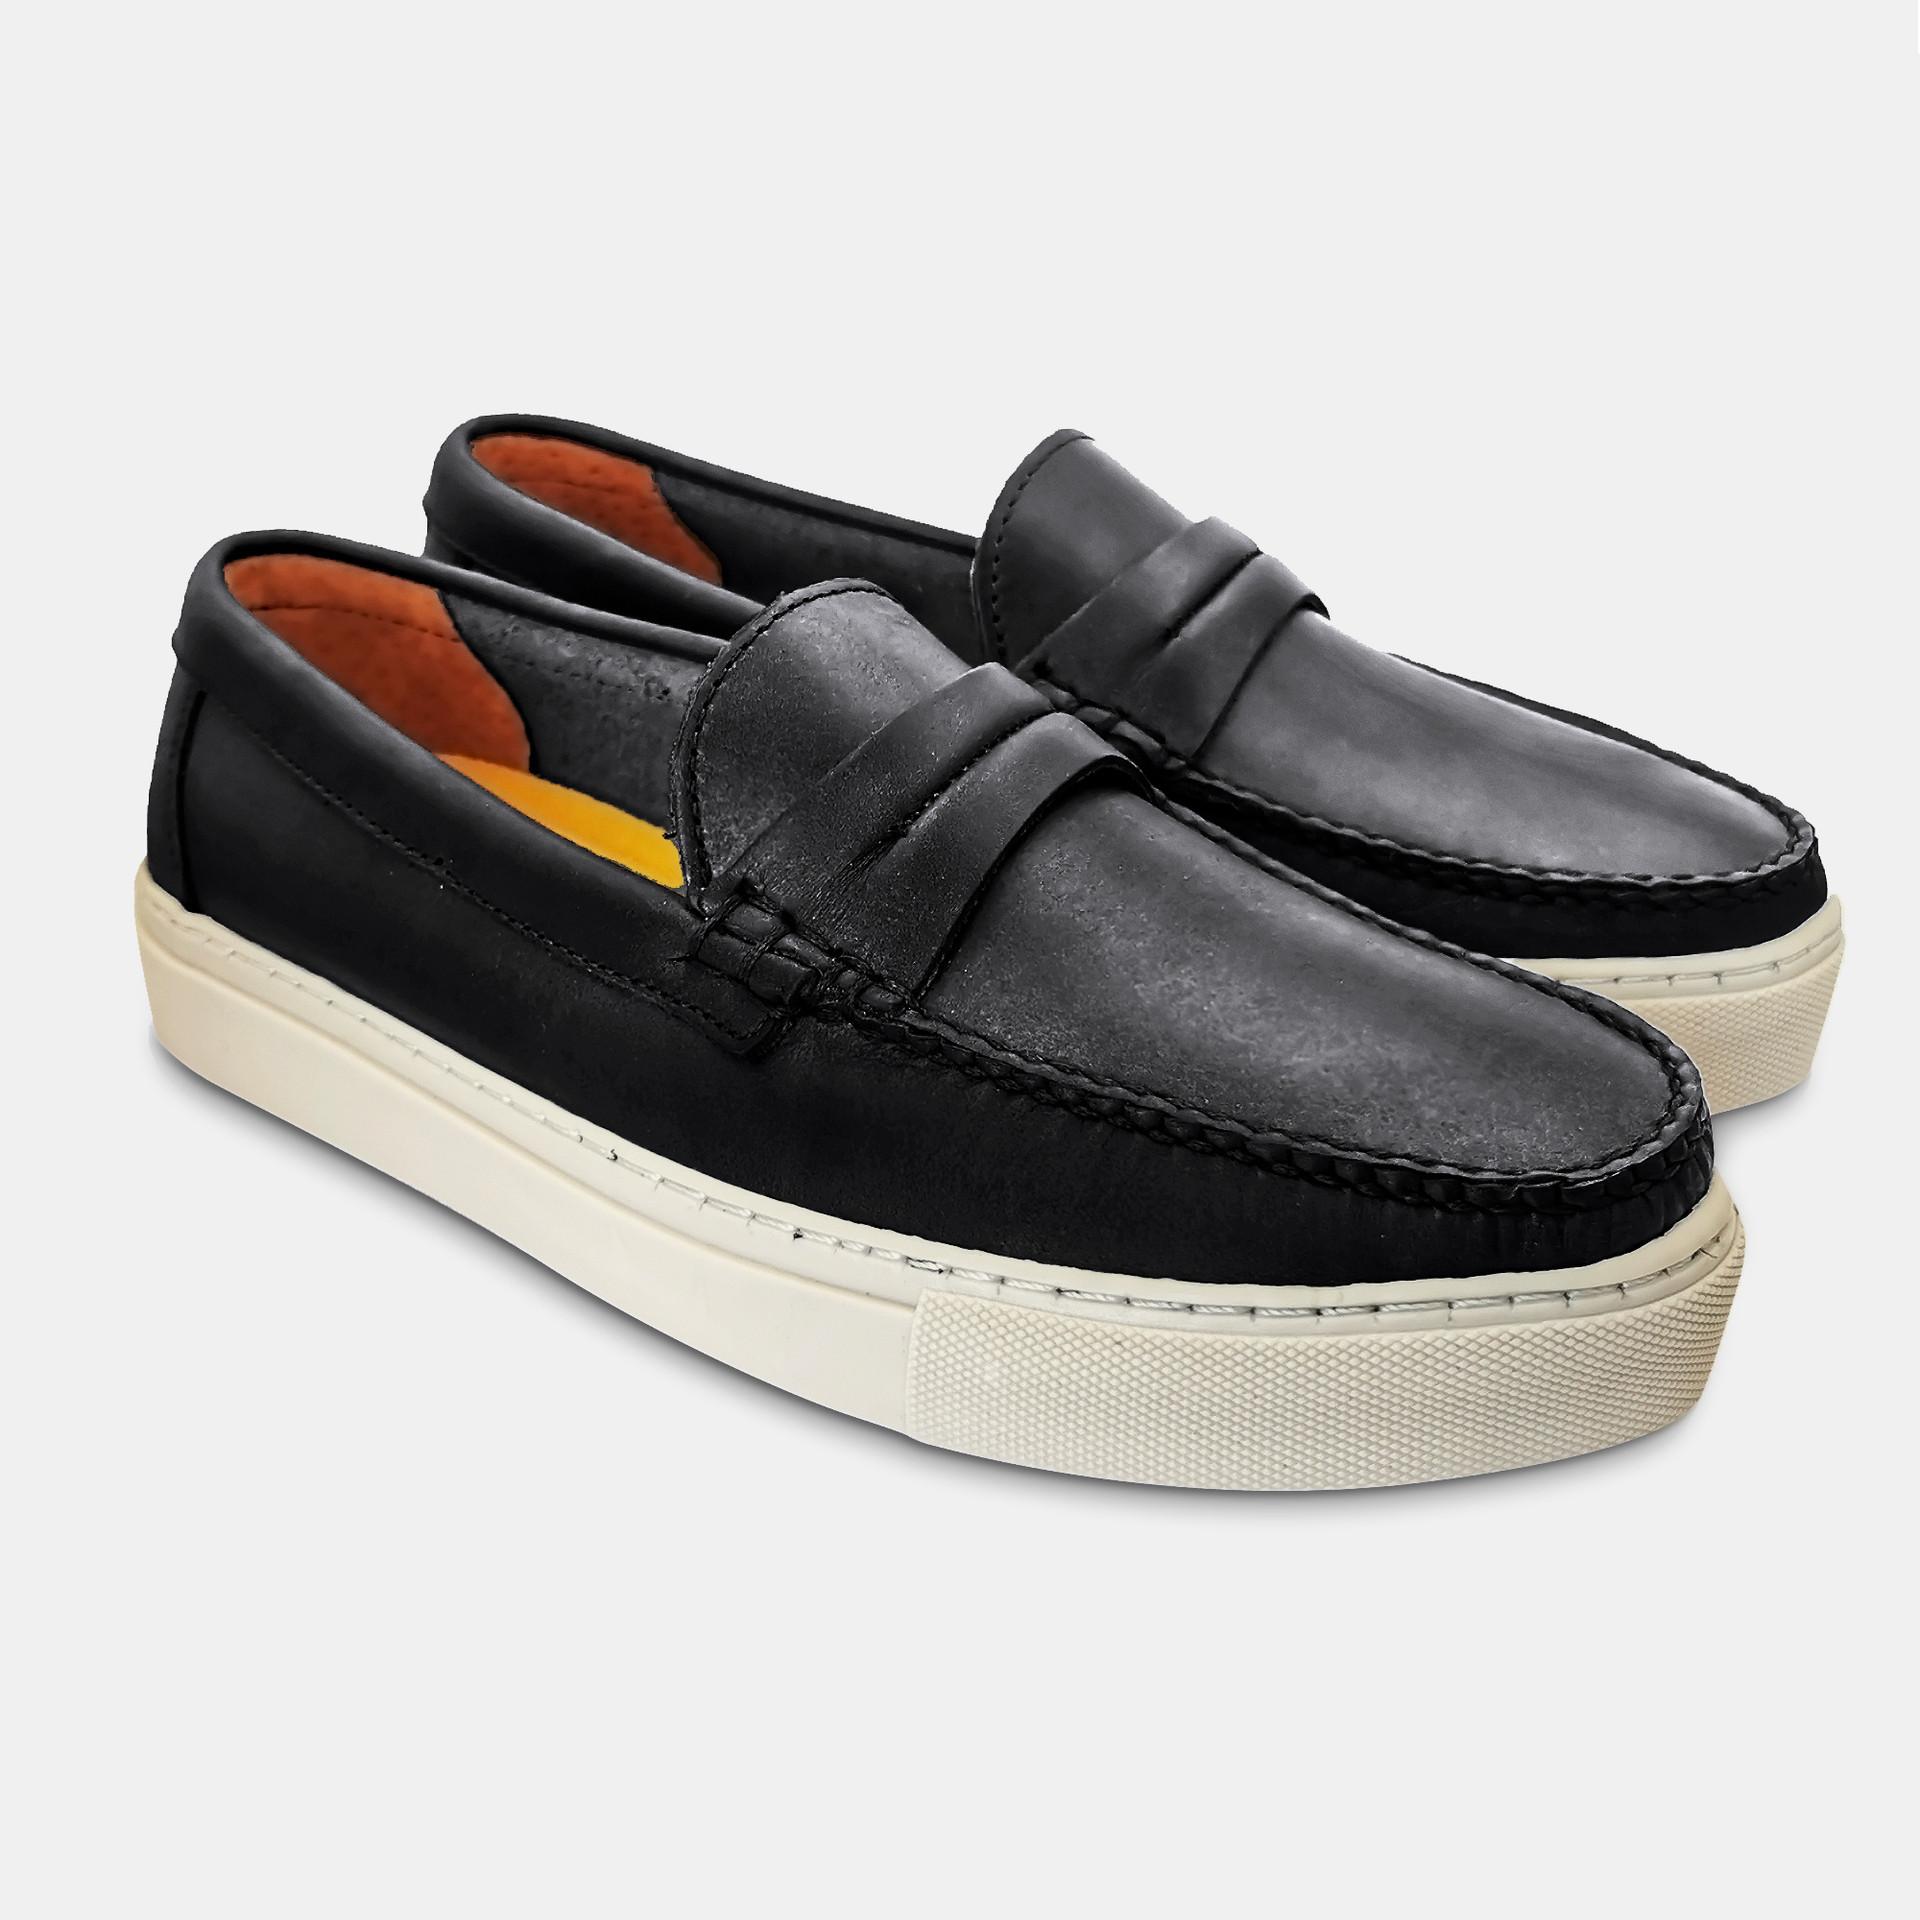 Randem-Sneaker-Spender-Negro(1).jpg